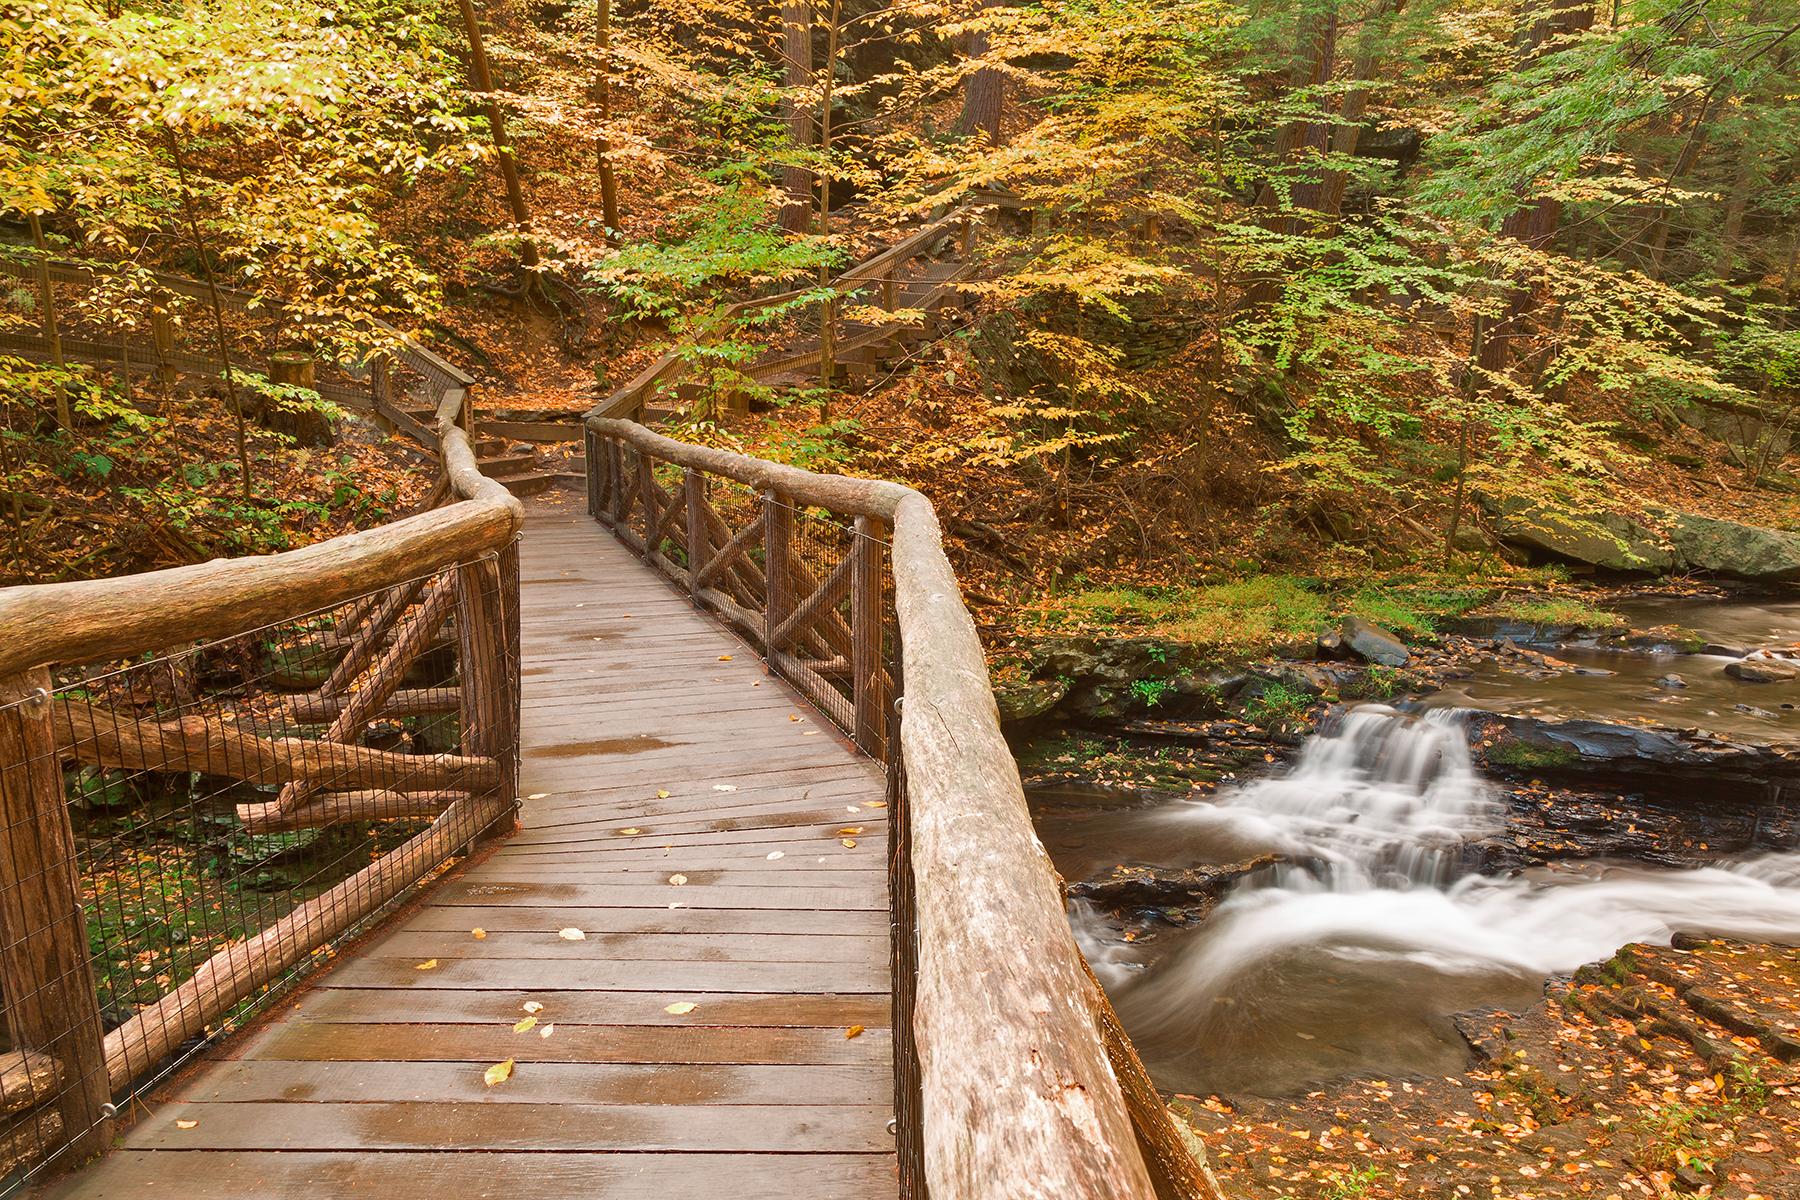 Autumn Boardwalk Bridge, Adventure, Recreational, Stairway, Stairs, HQ Photo